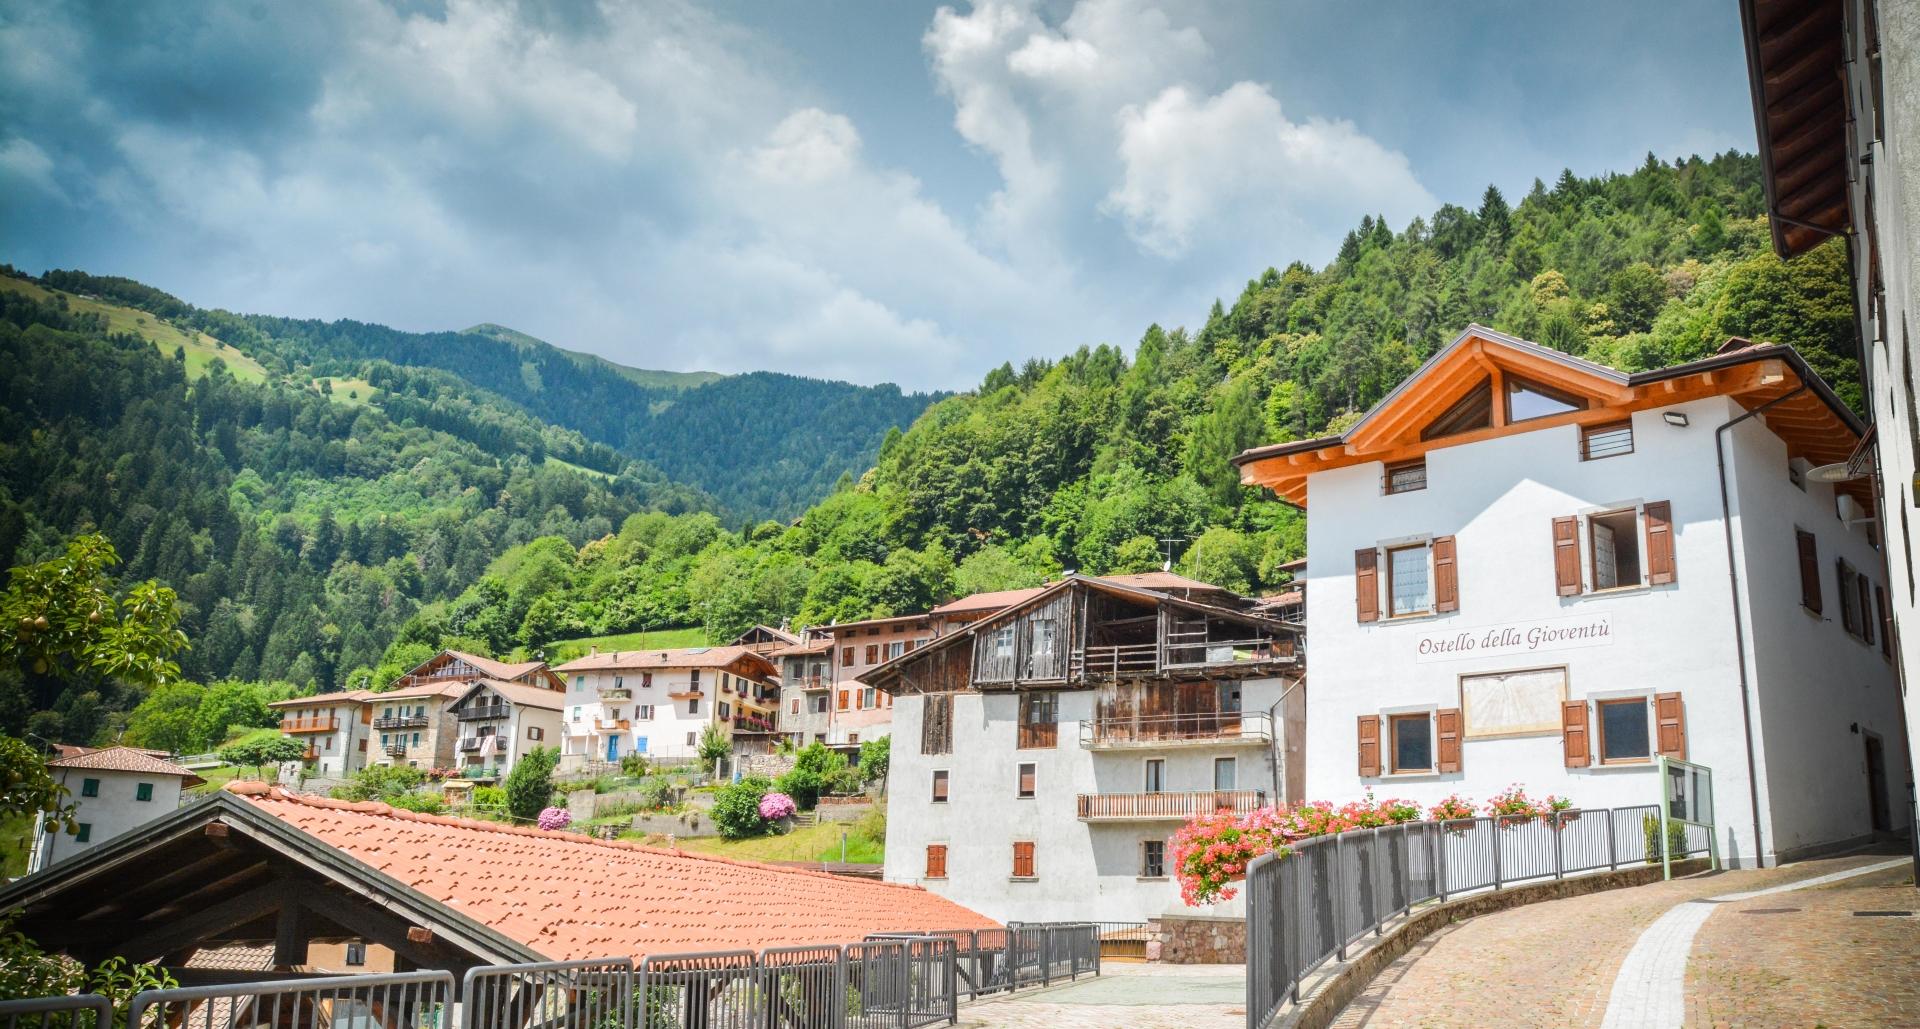 Casa Brione